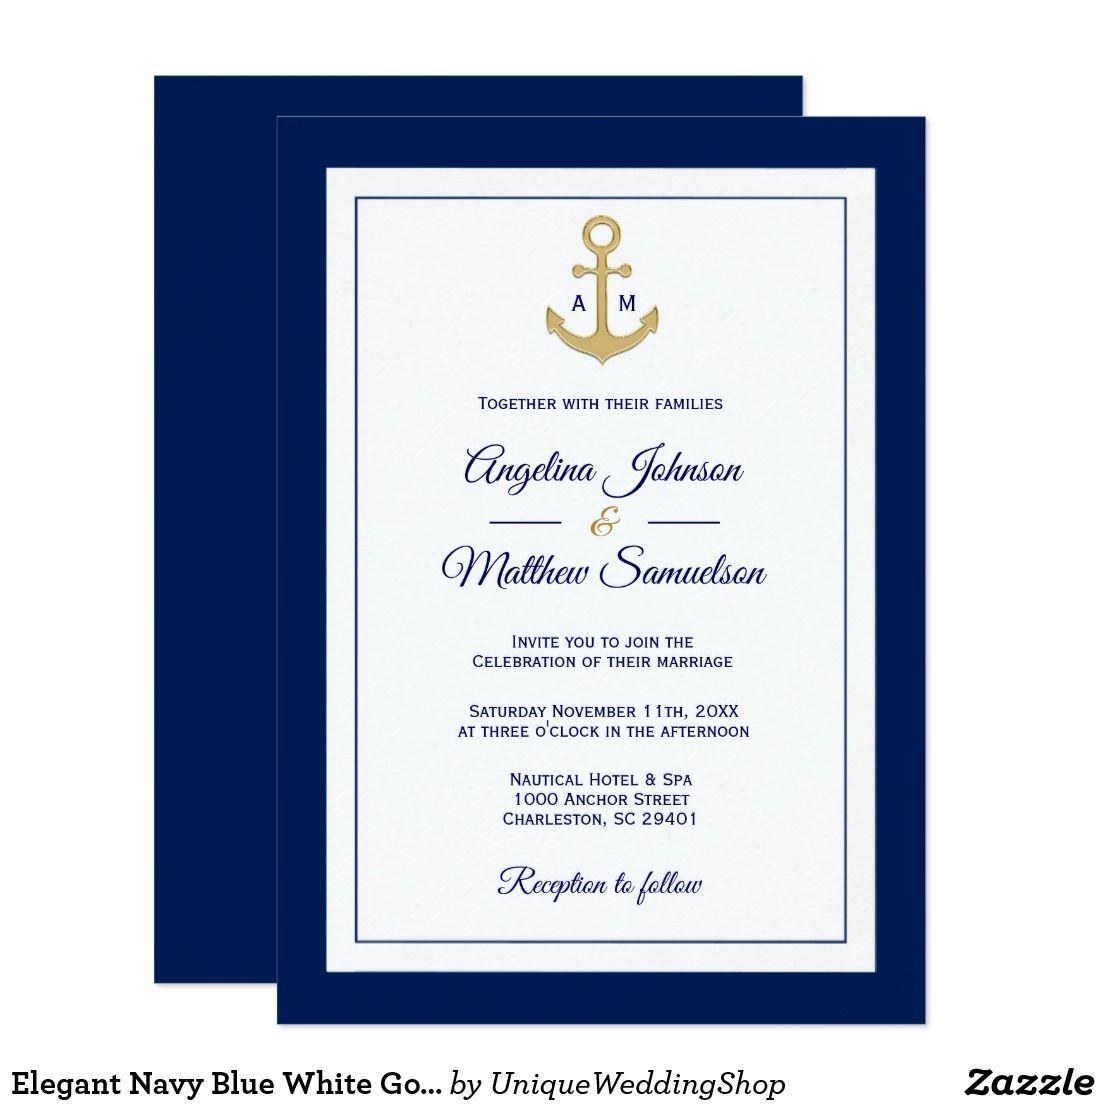 Elegant Nautical Wedding Invitations: Elegant Navy Blue White Gold Nautical Wedding Invitation